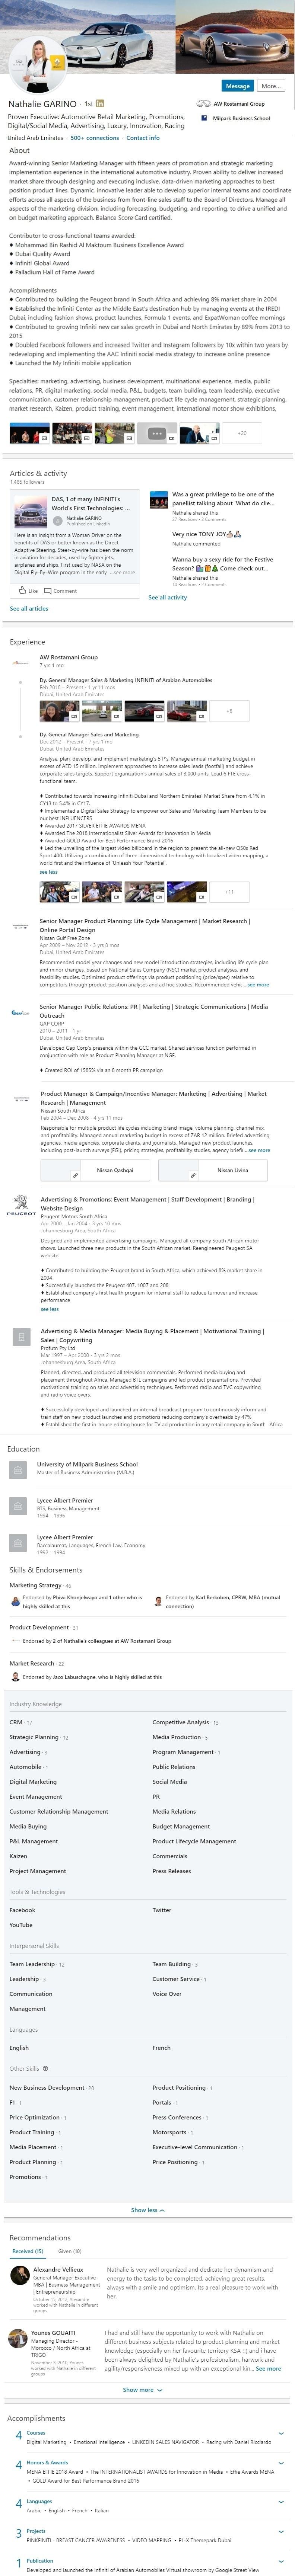 Linkedin Profile example UAE automotive marketing advertising media 1294